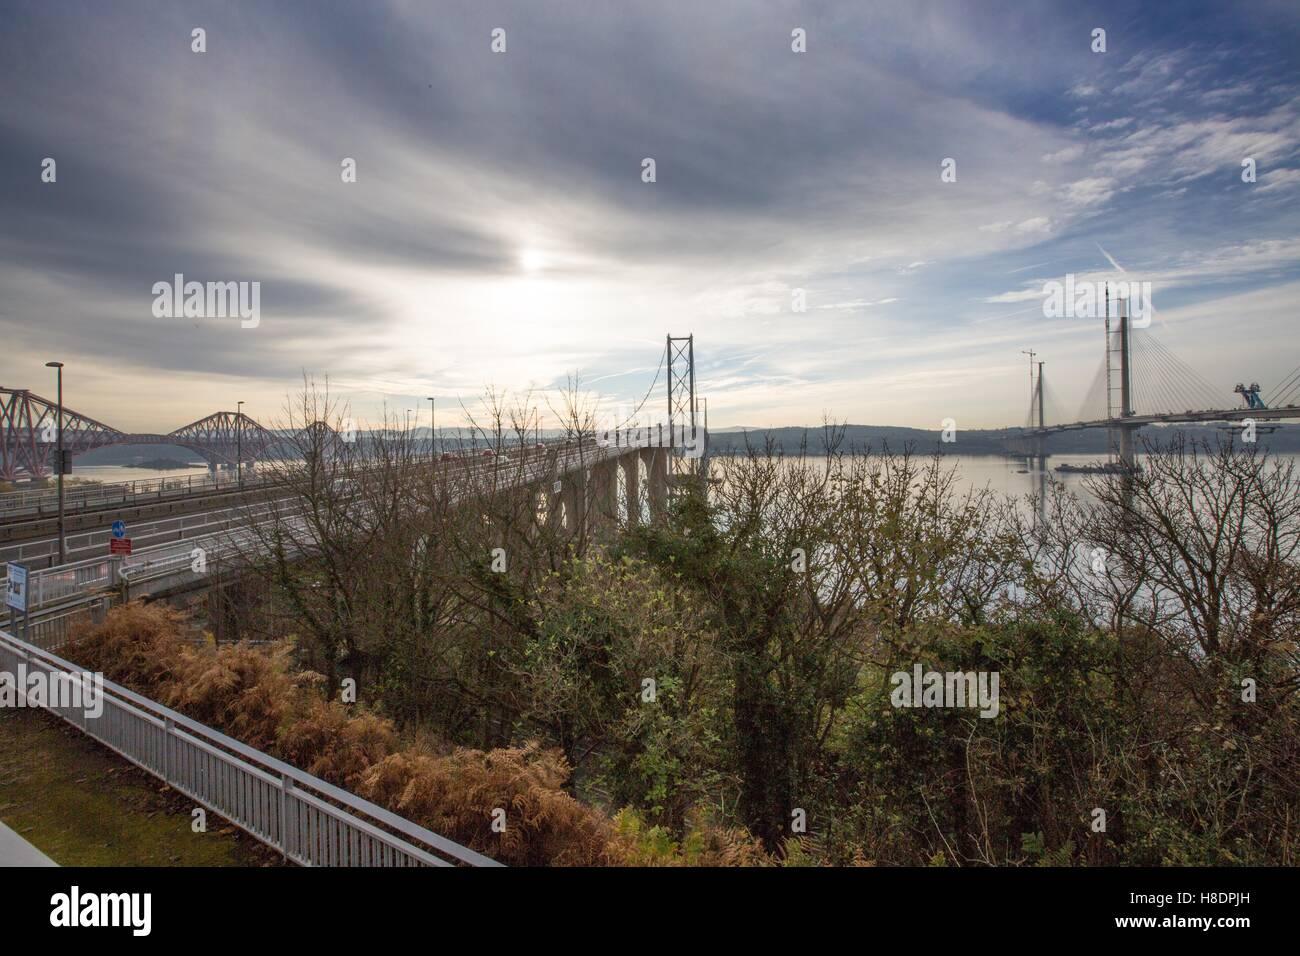 Queensferry, Edinburgh, Ecosse, 11 septembre, novembre, 2016. Forth Bridges. Pont de chemin de fer (L), pont-route (M) et le 2e pont-route (R) qui est en voie d'achèvement. Phil Hutchinson/Alamy Live News Banque D'Images